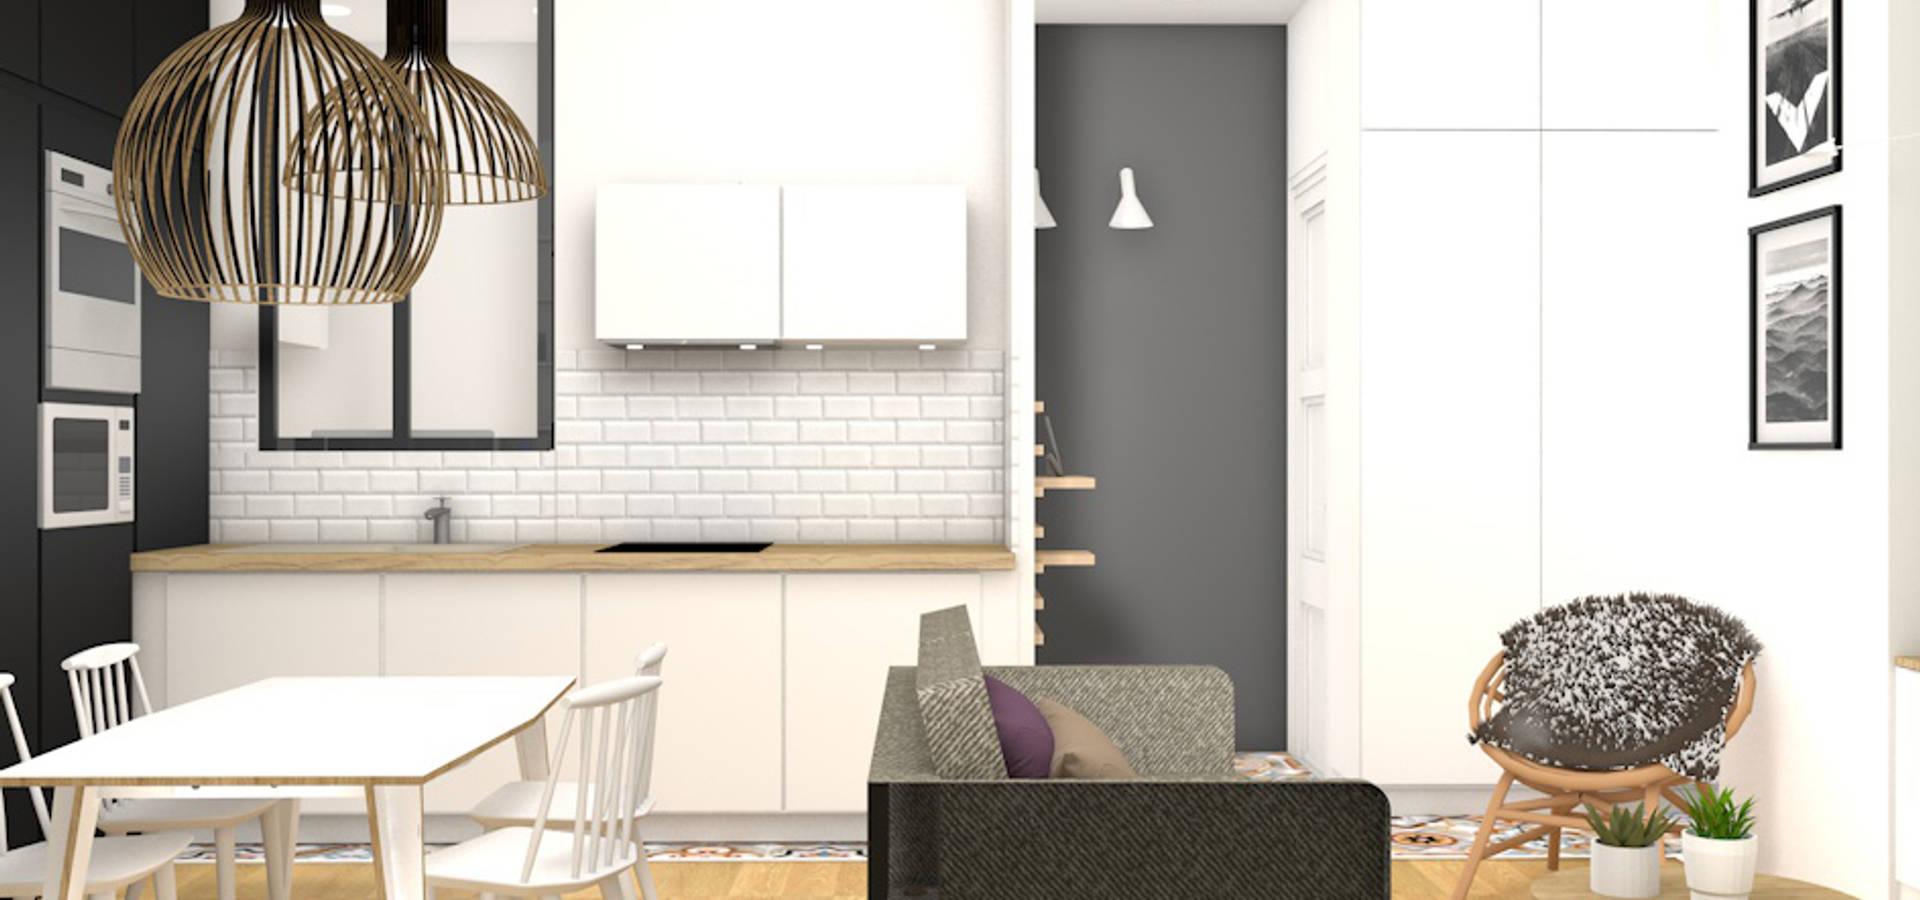 camille basse architecte d 39 int rieur r novation d 39 un. Black Bedroom Furniture Sets. Home Design Ideas